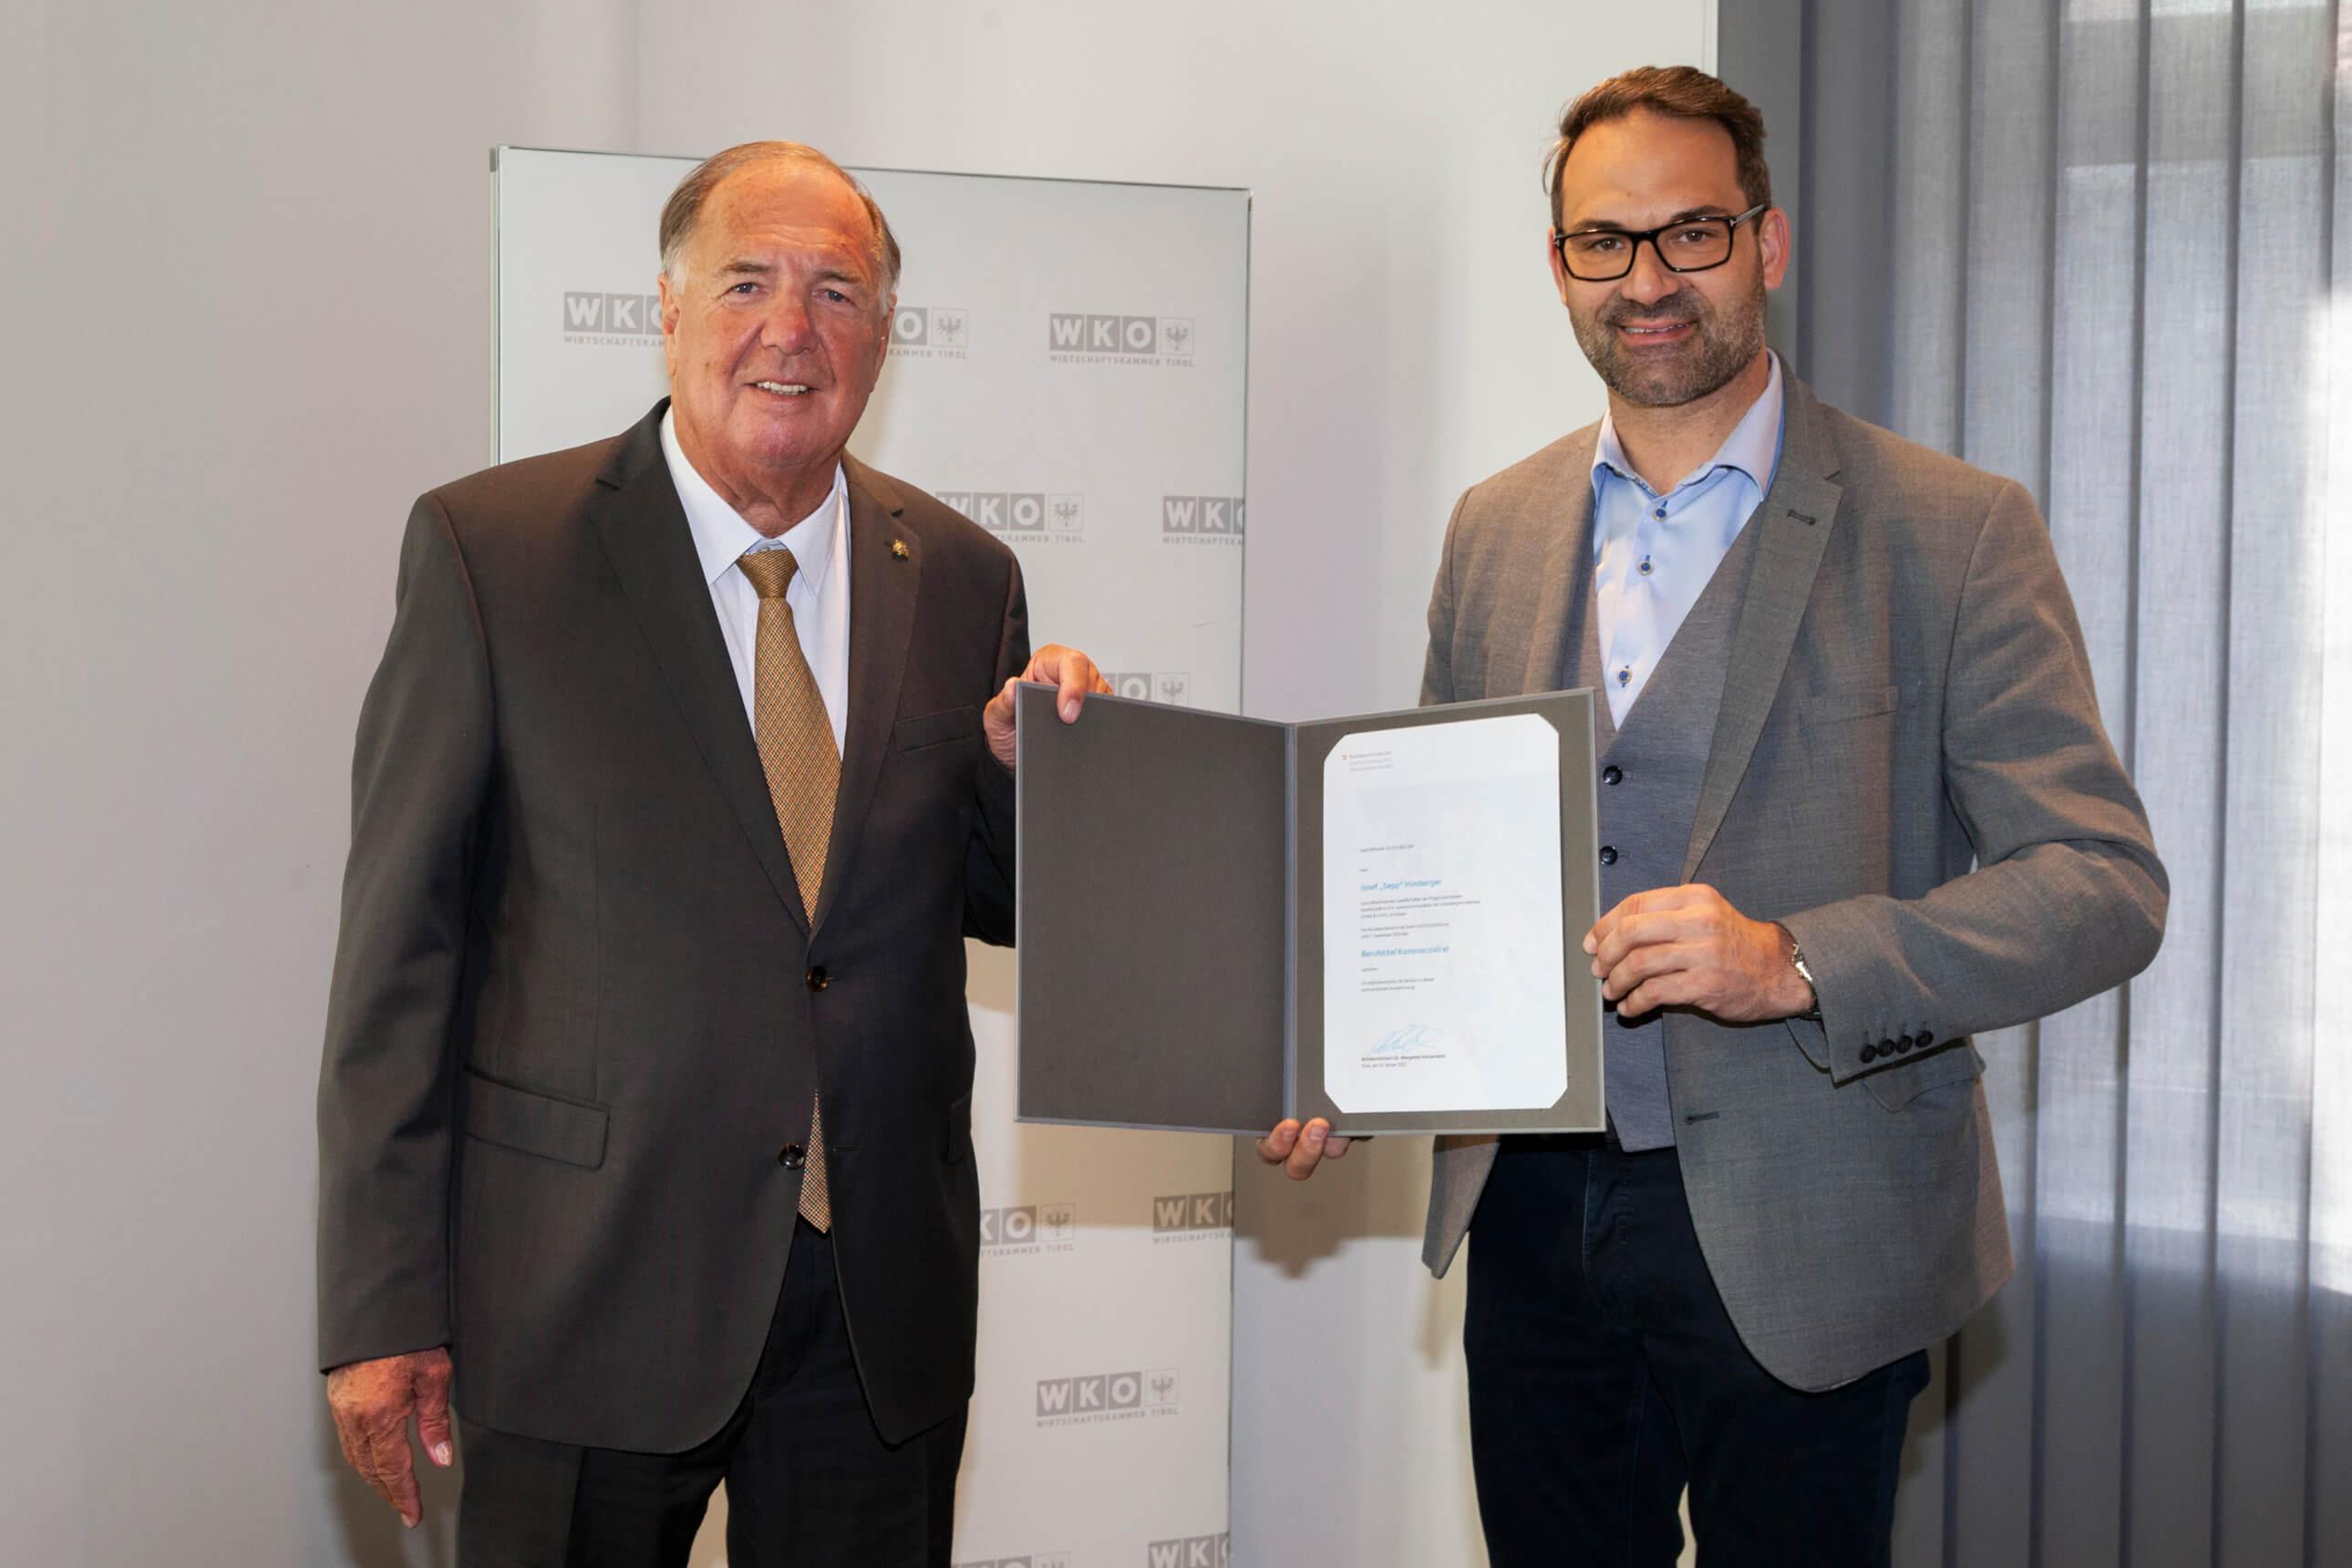 """Sepp Himberger aus Kössen wurde mit dem Berufstitel """"Kommerzialrat"""" geehrt - WK-Präsident Christoph Walser gratulierte (r.)."""